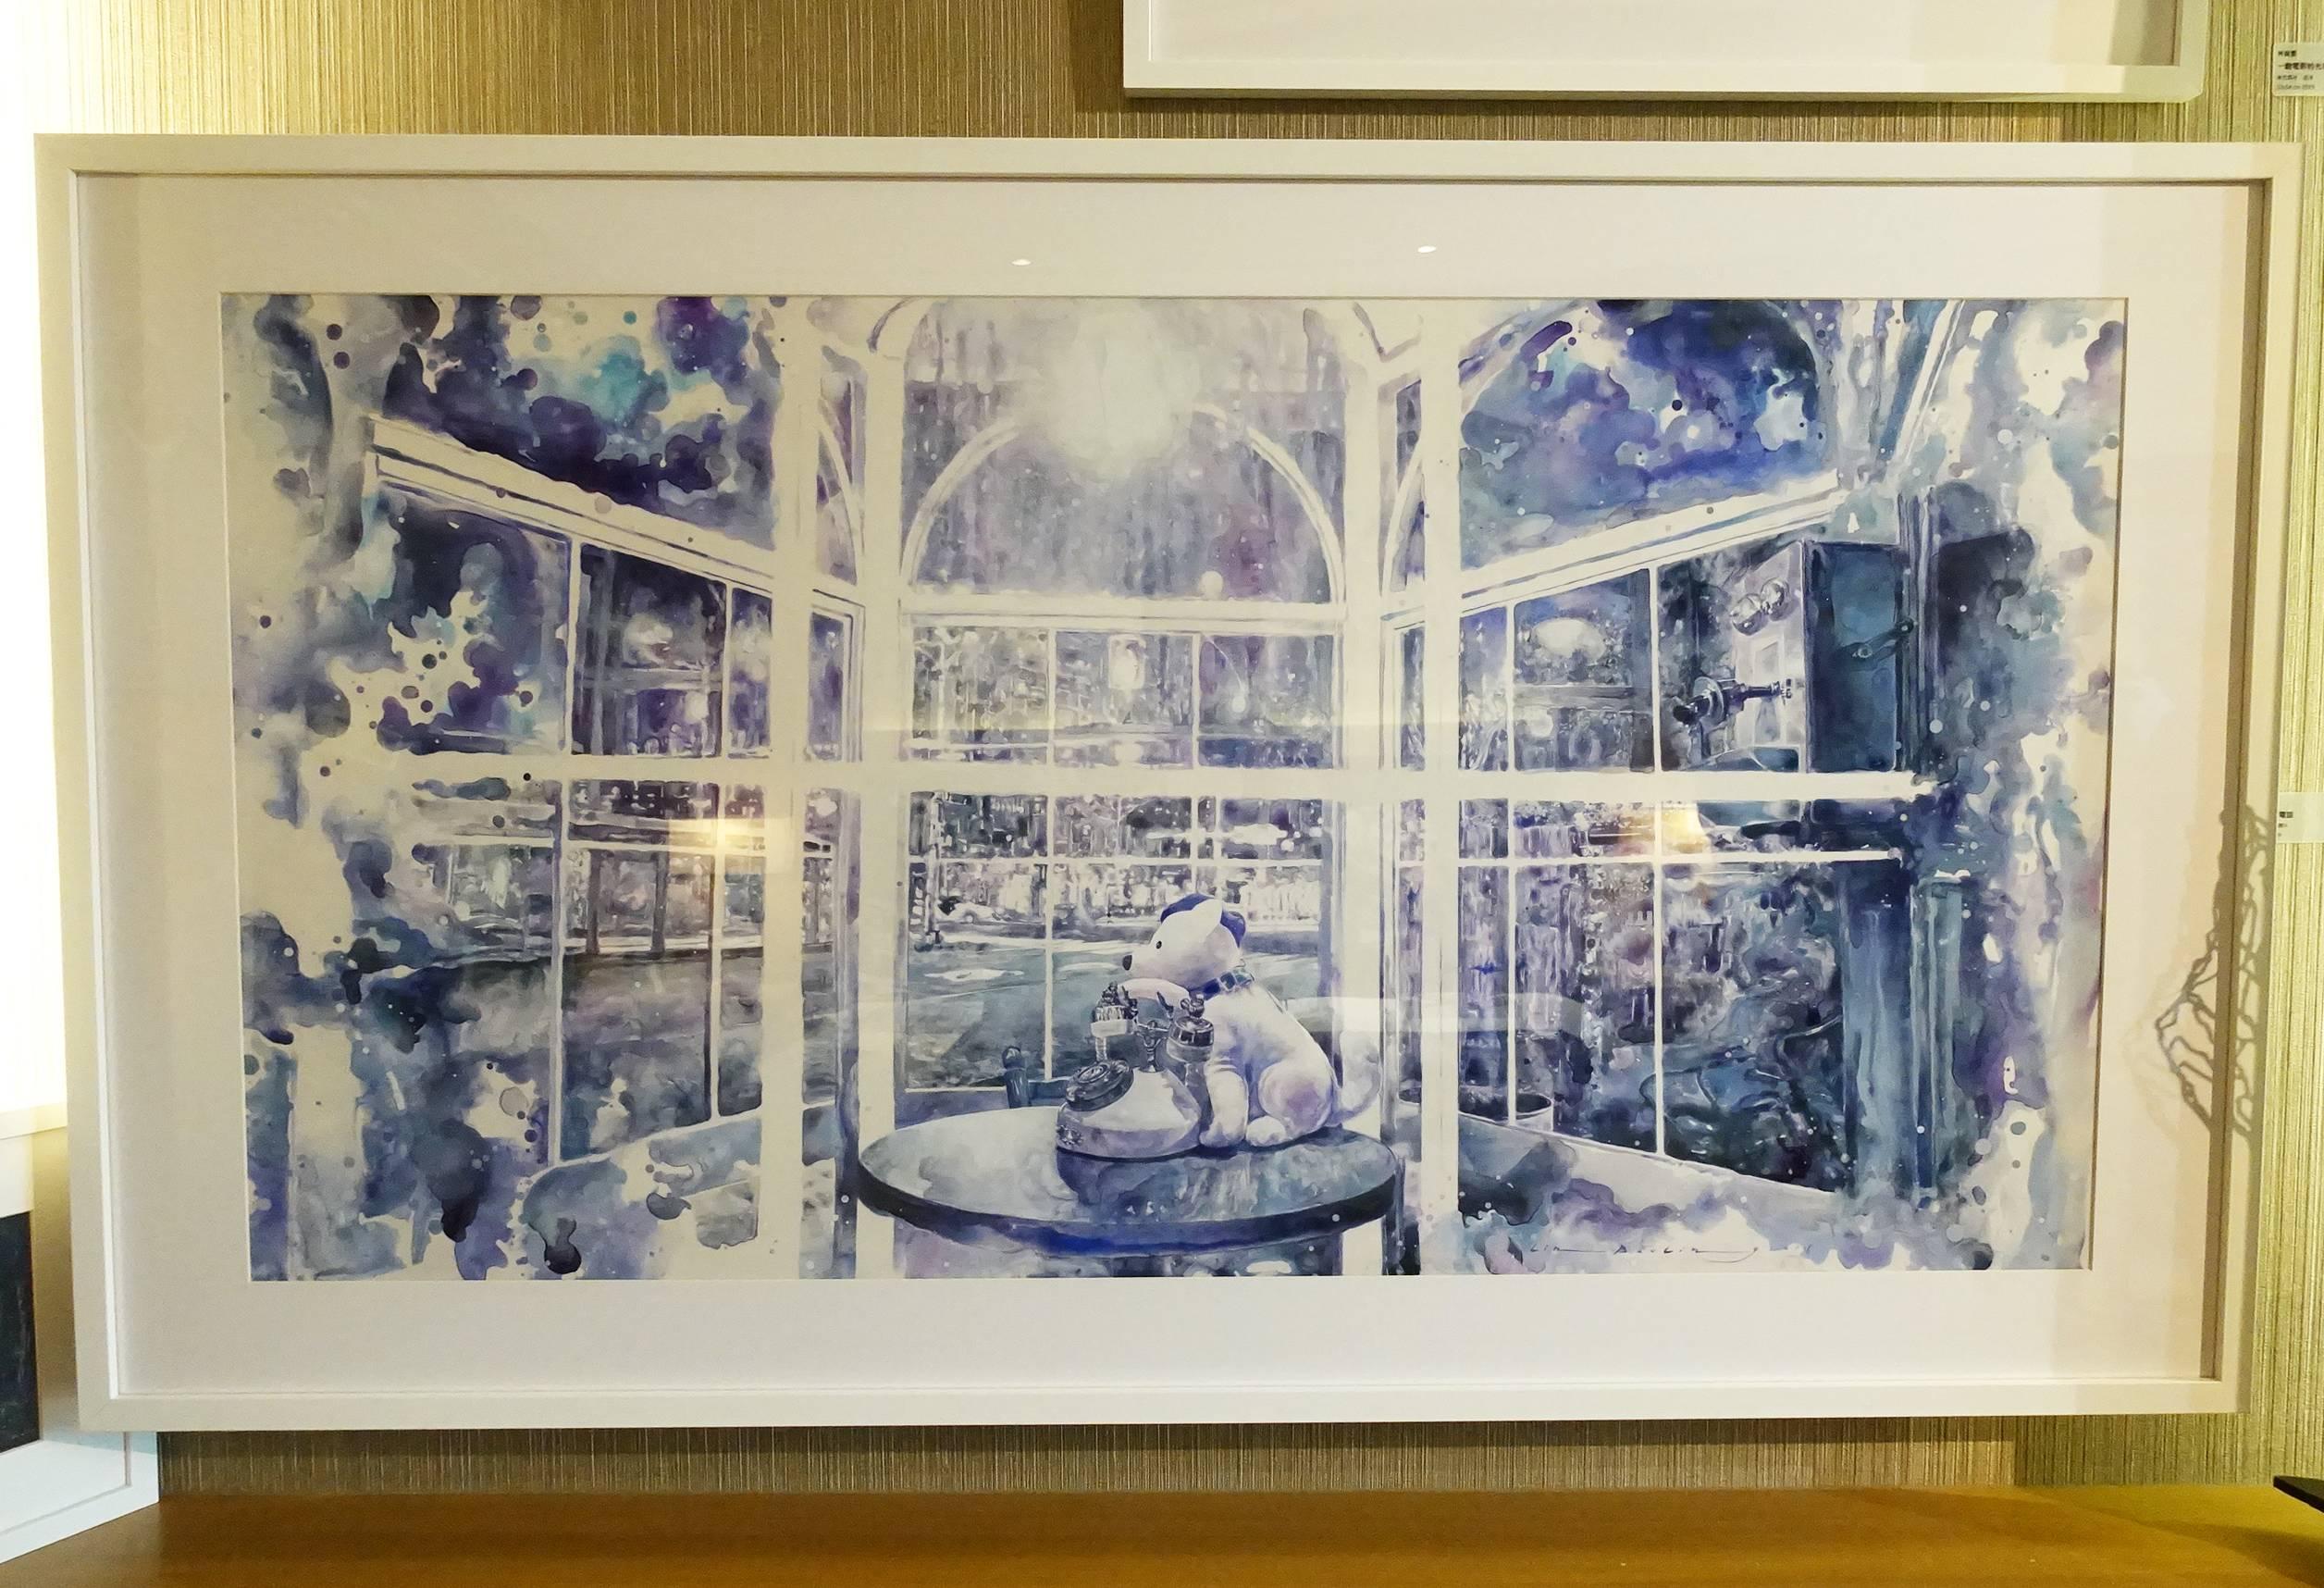 索卡藝術展出藝術家 - 林葆靈,《靜靜地守著電話》,61 x 116 cm,壓克力彩、製圖膠片,2019。